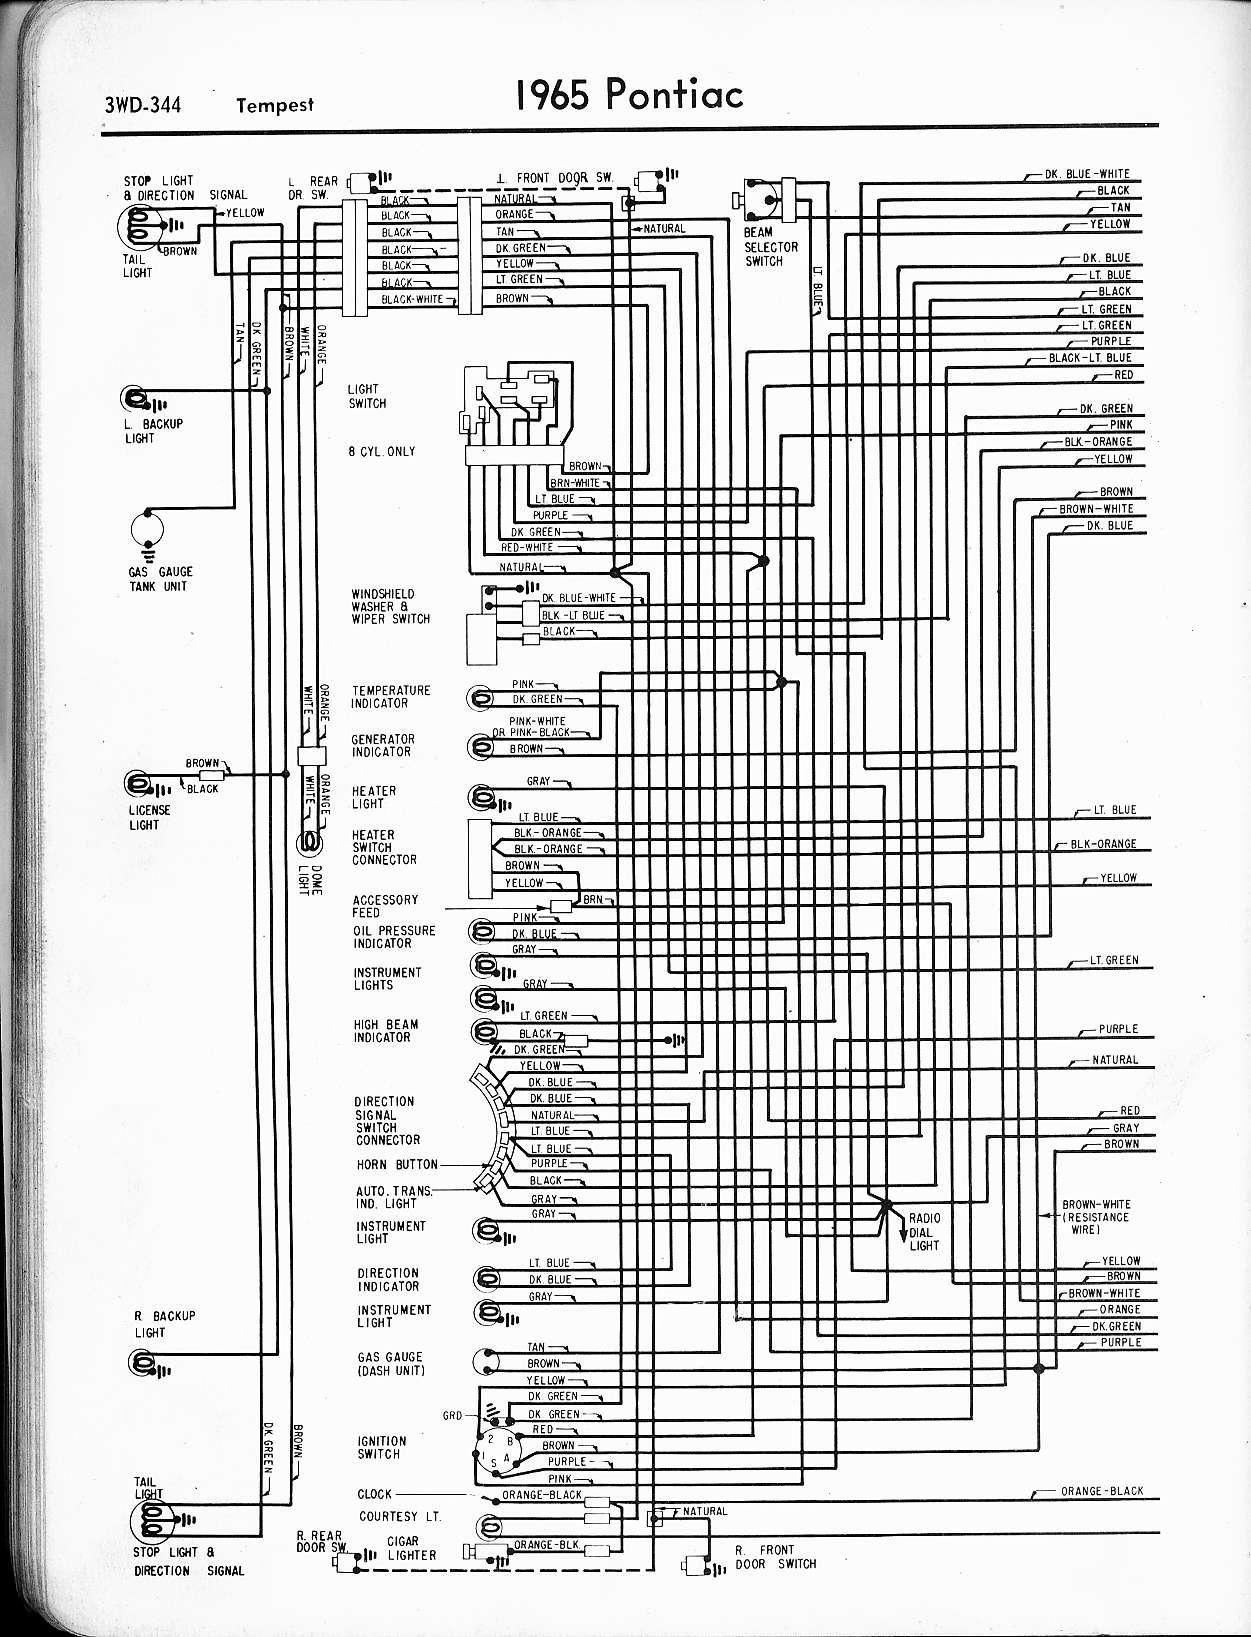 Pontiac Convertible Wiring Diagram - free download wiring diagrams ...